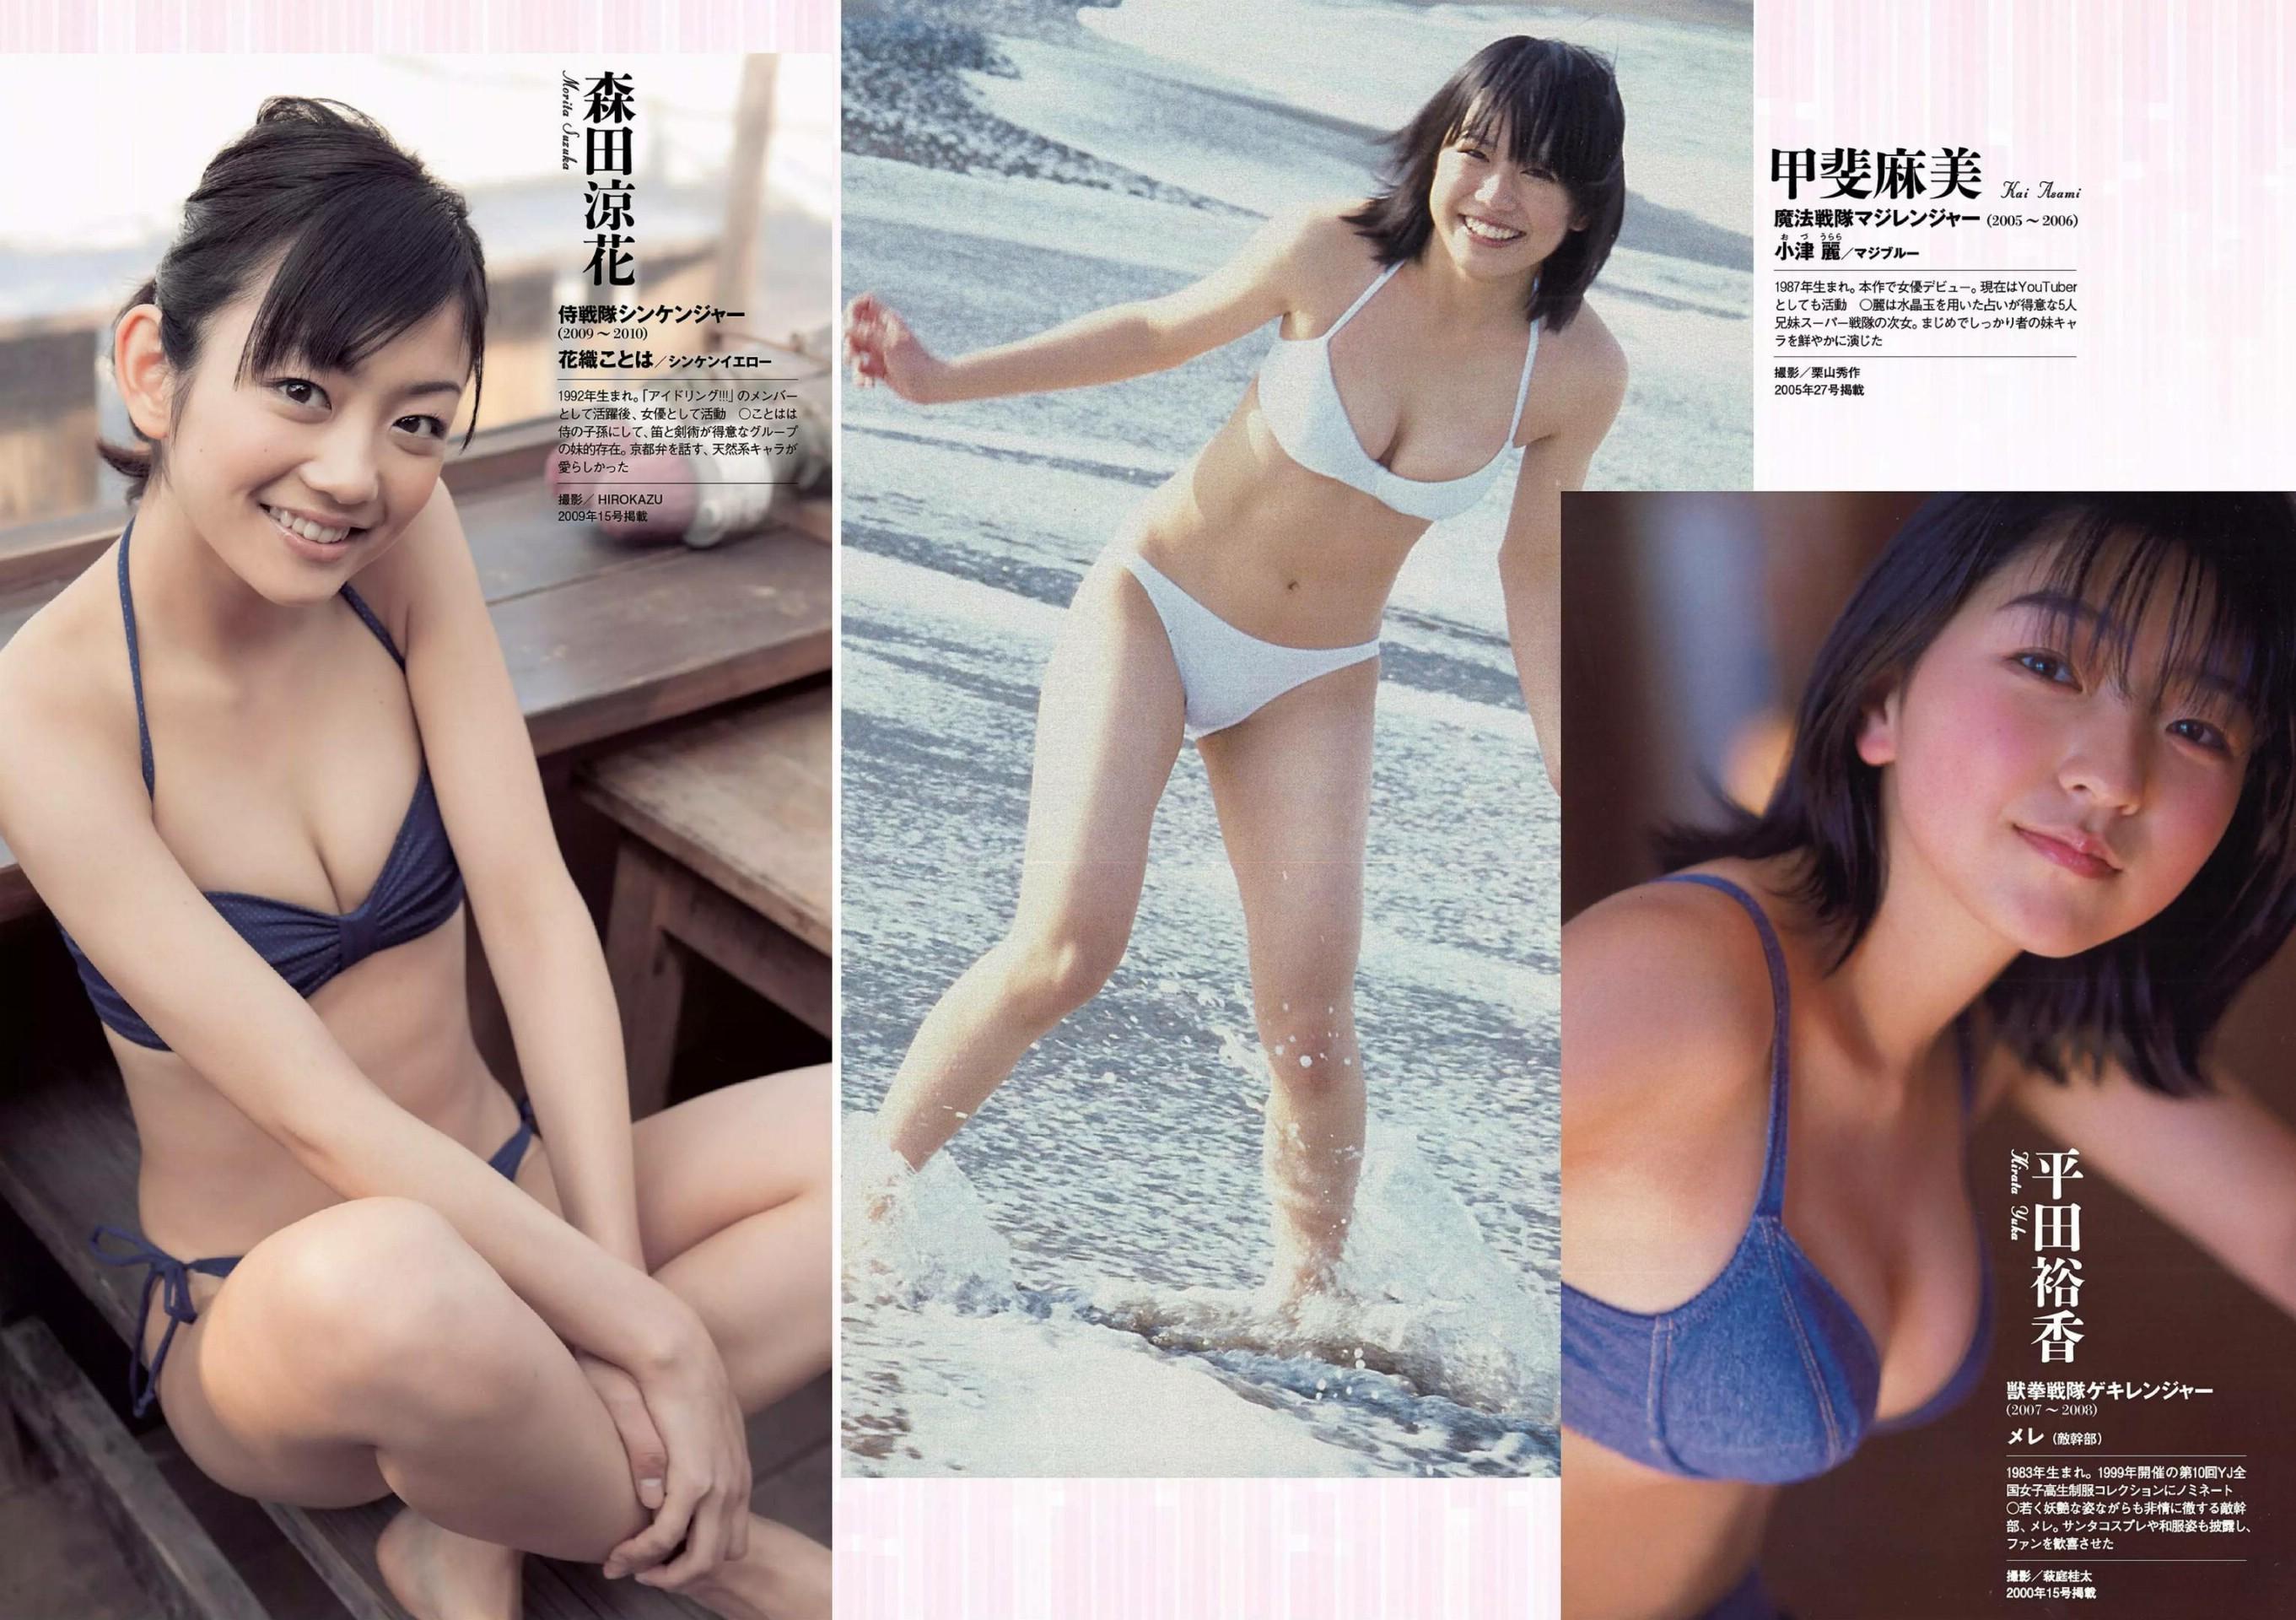 Weekly Playboy 2020-31_32_imgs-0097